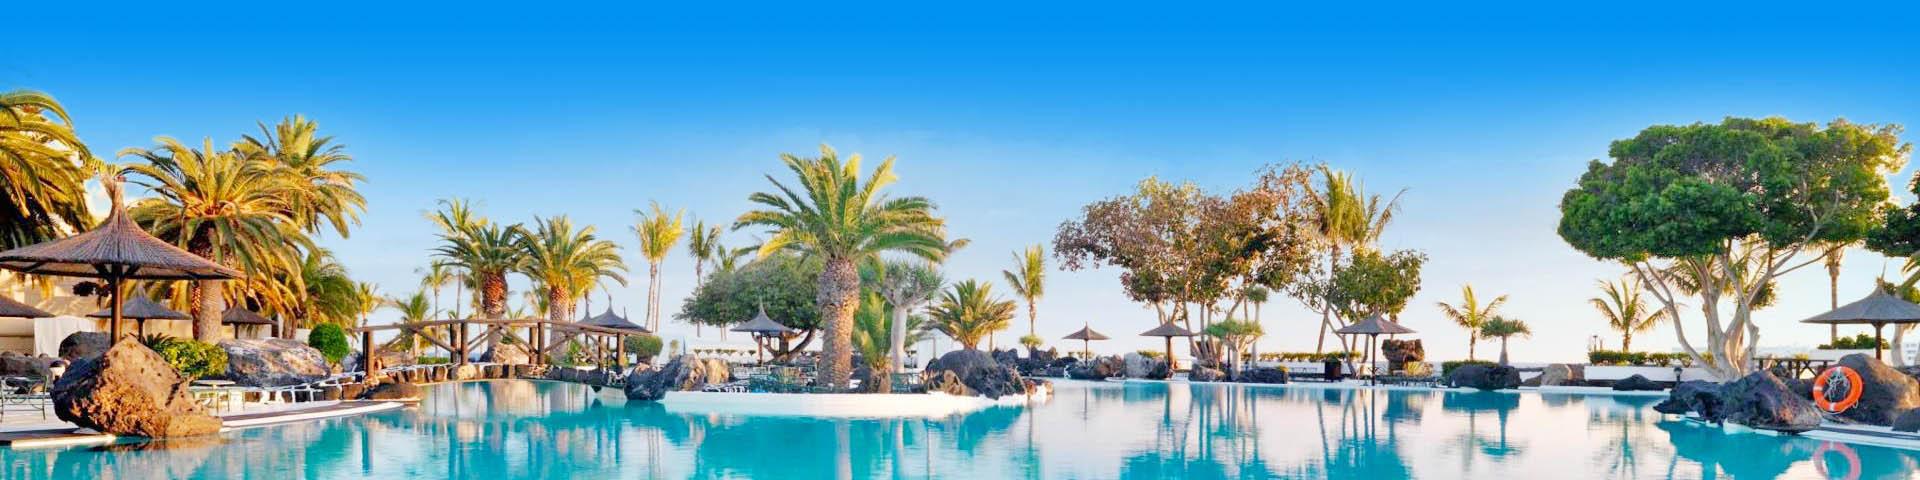 Ruim zwembad van een hotel op de Canarische Eilanden